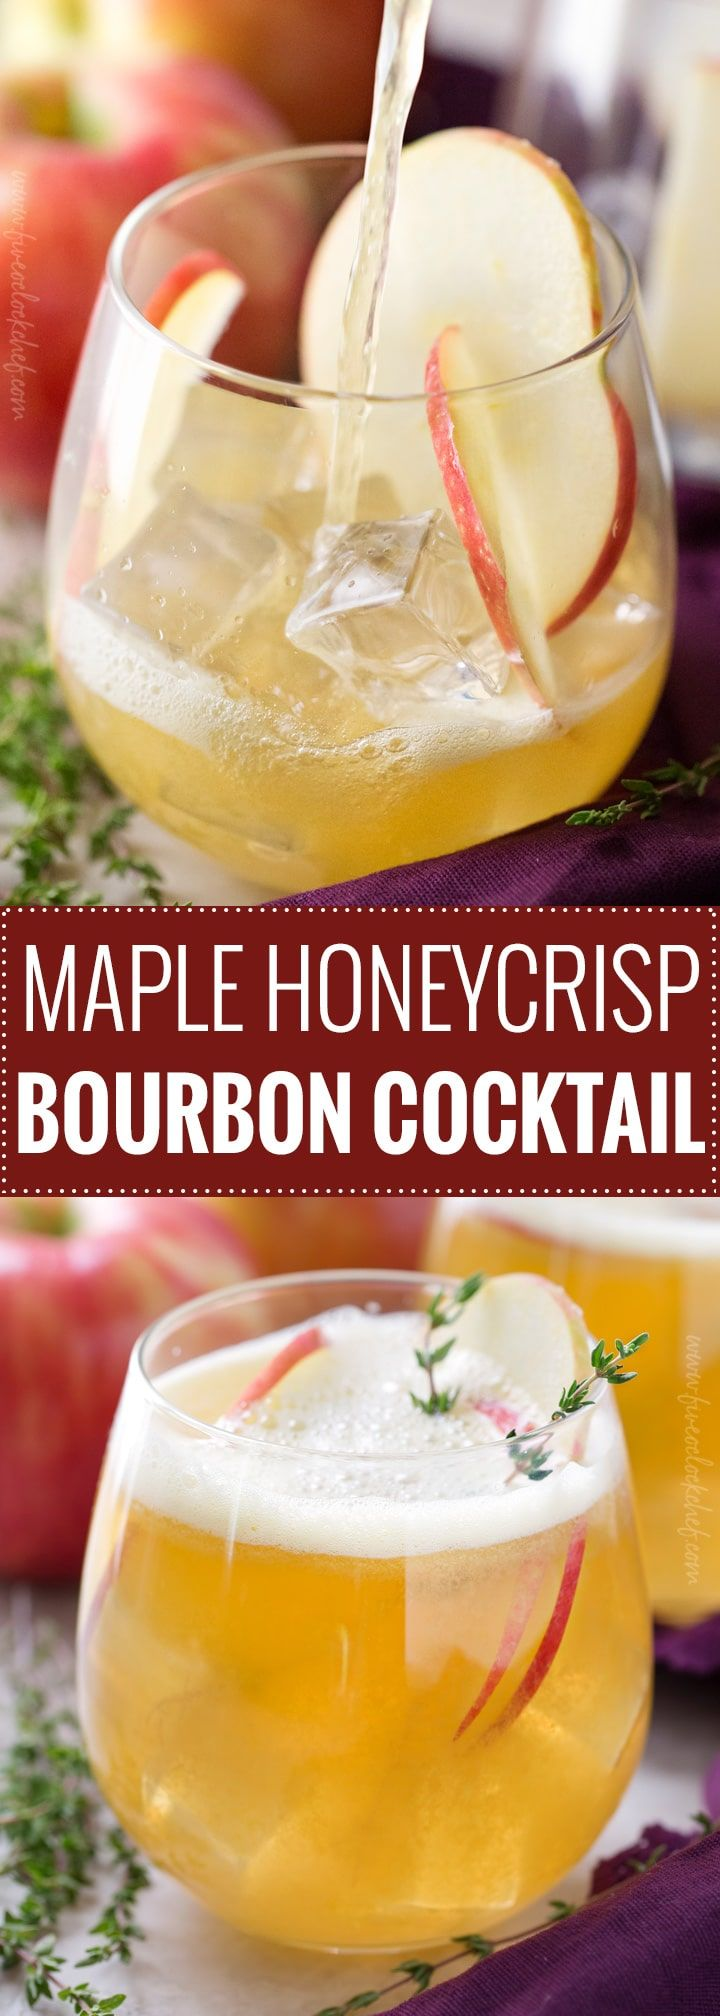 Maple Honeycrisp Bourbon Cocktails